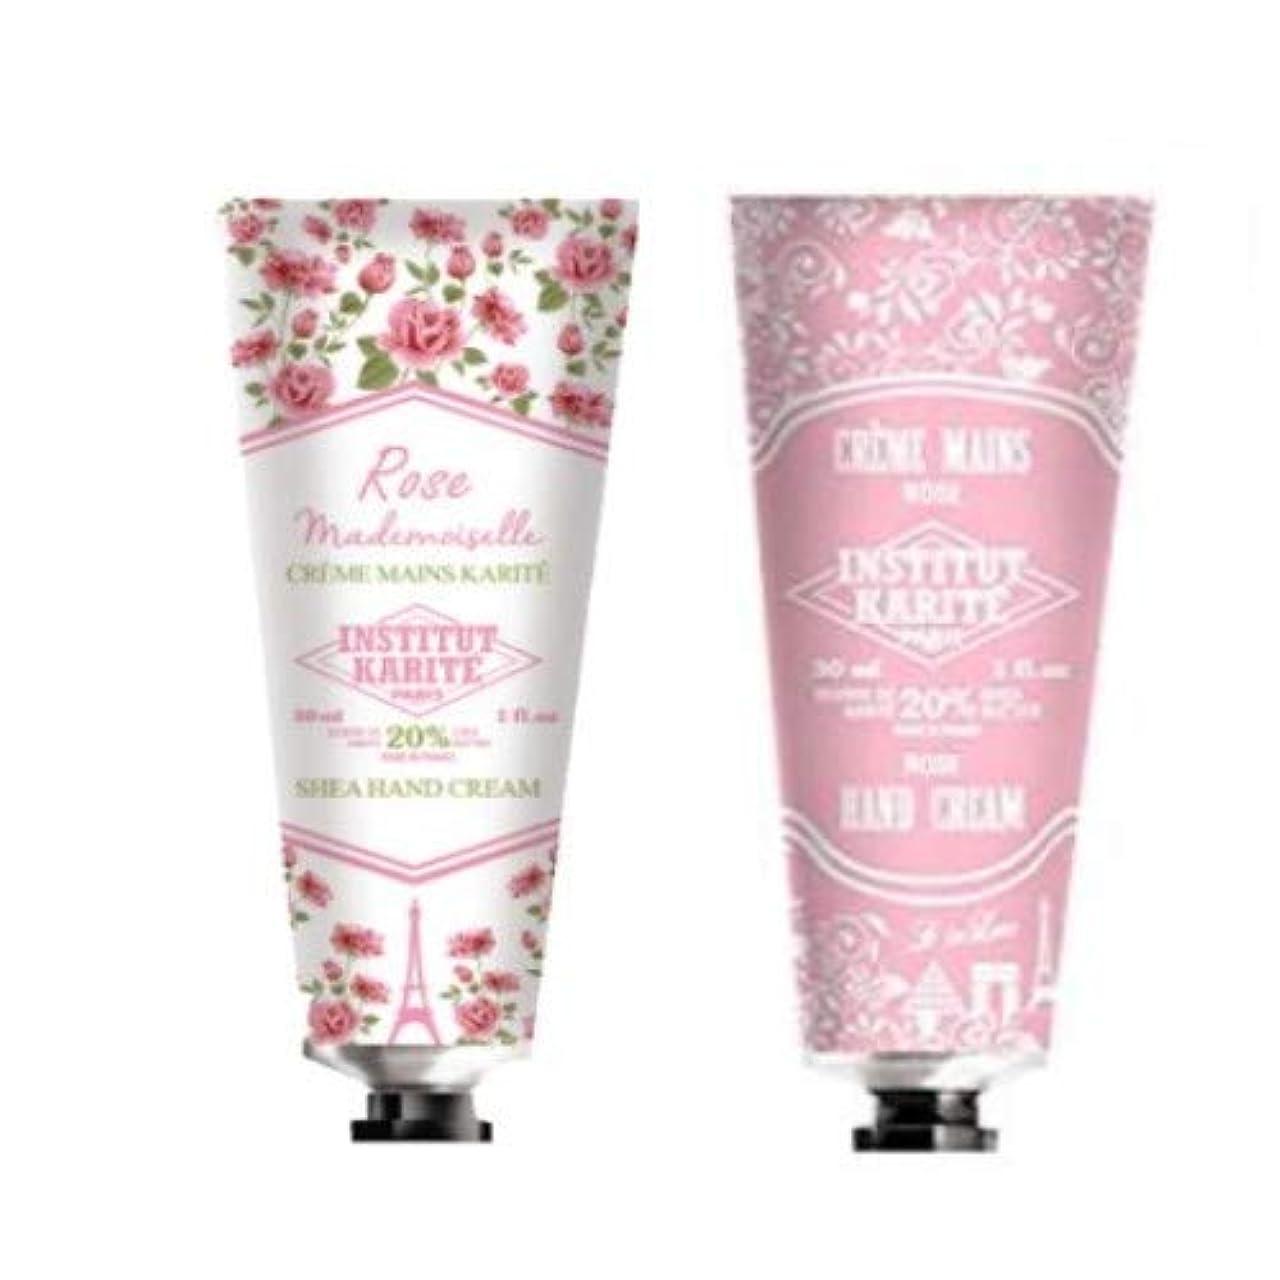 突然取り出す現像シアバター シアハンドクリーム INSTITUT KARITE カリテ Rose Mademoiselle ローズマドモアゼル ハンドクリーム 30ml&Rose ローズハンドクリーム 30ml セット